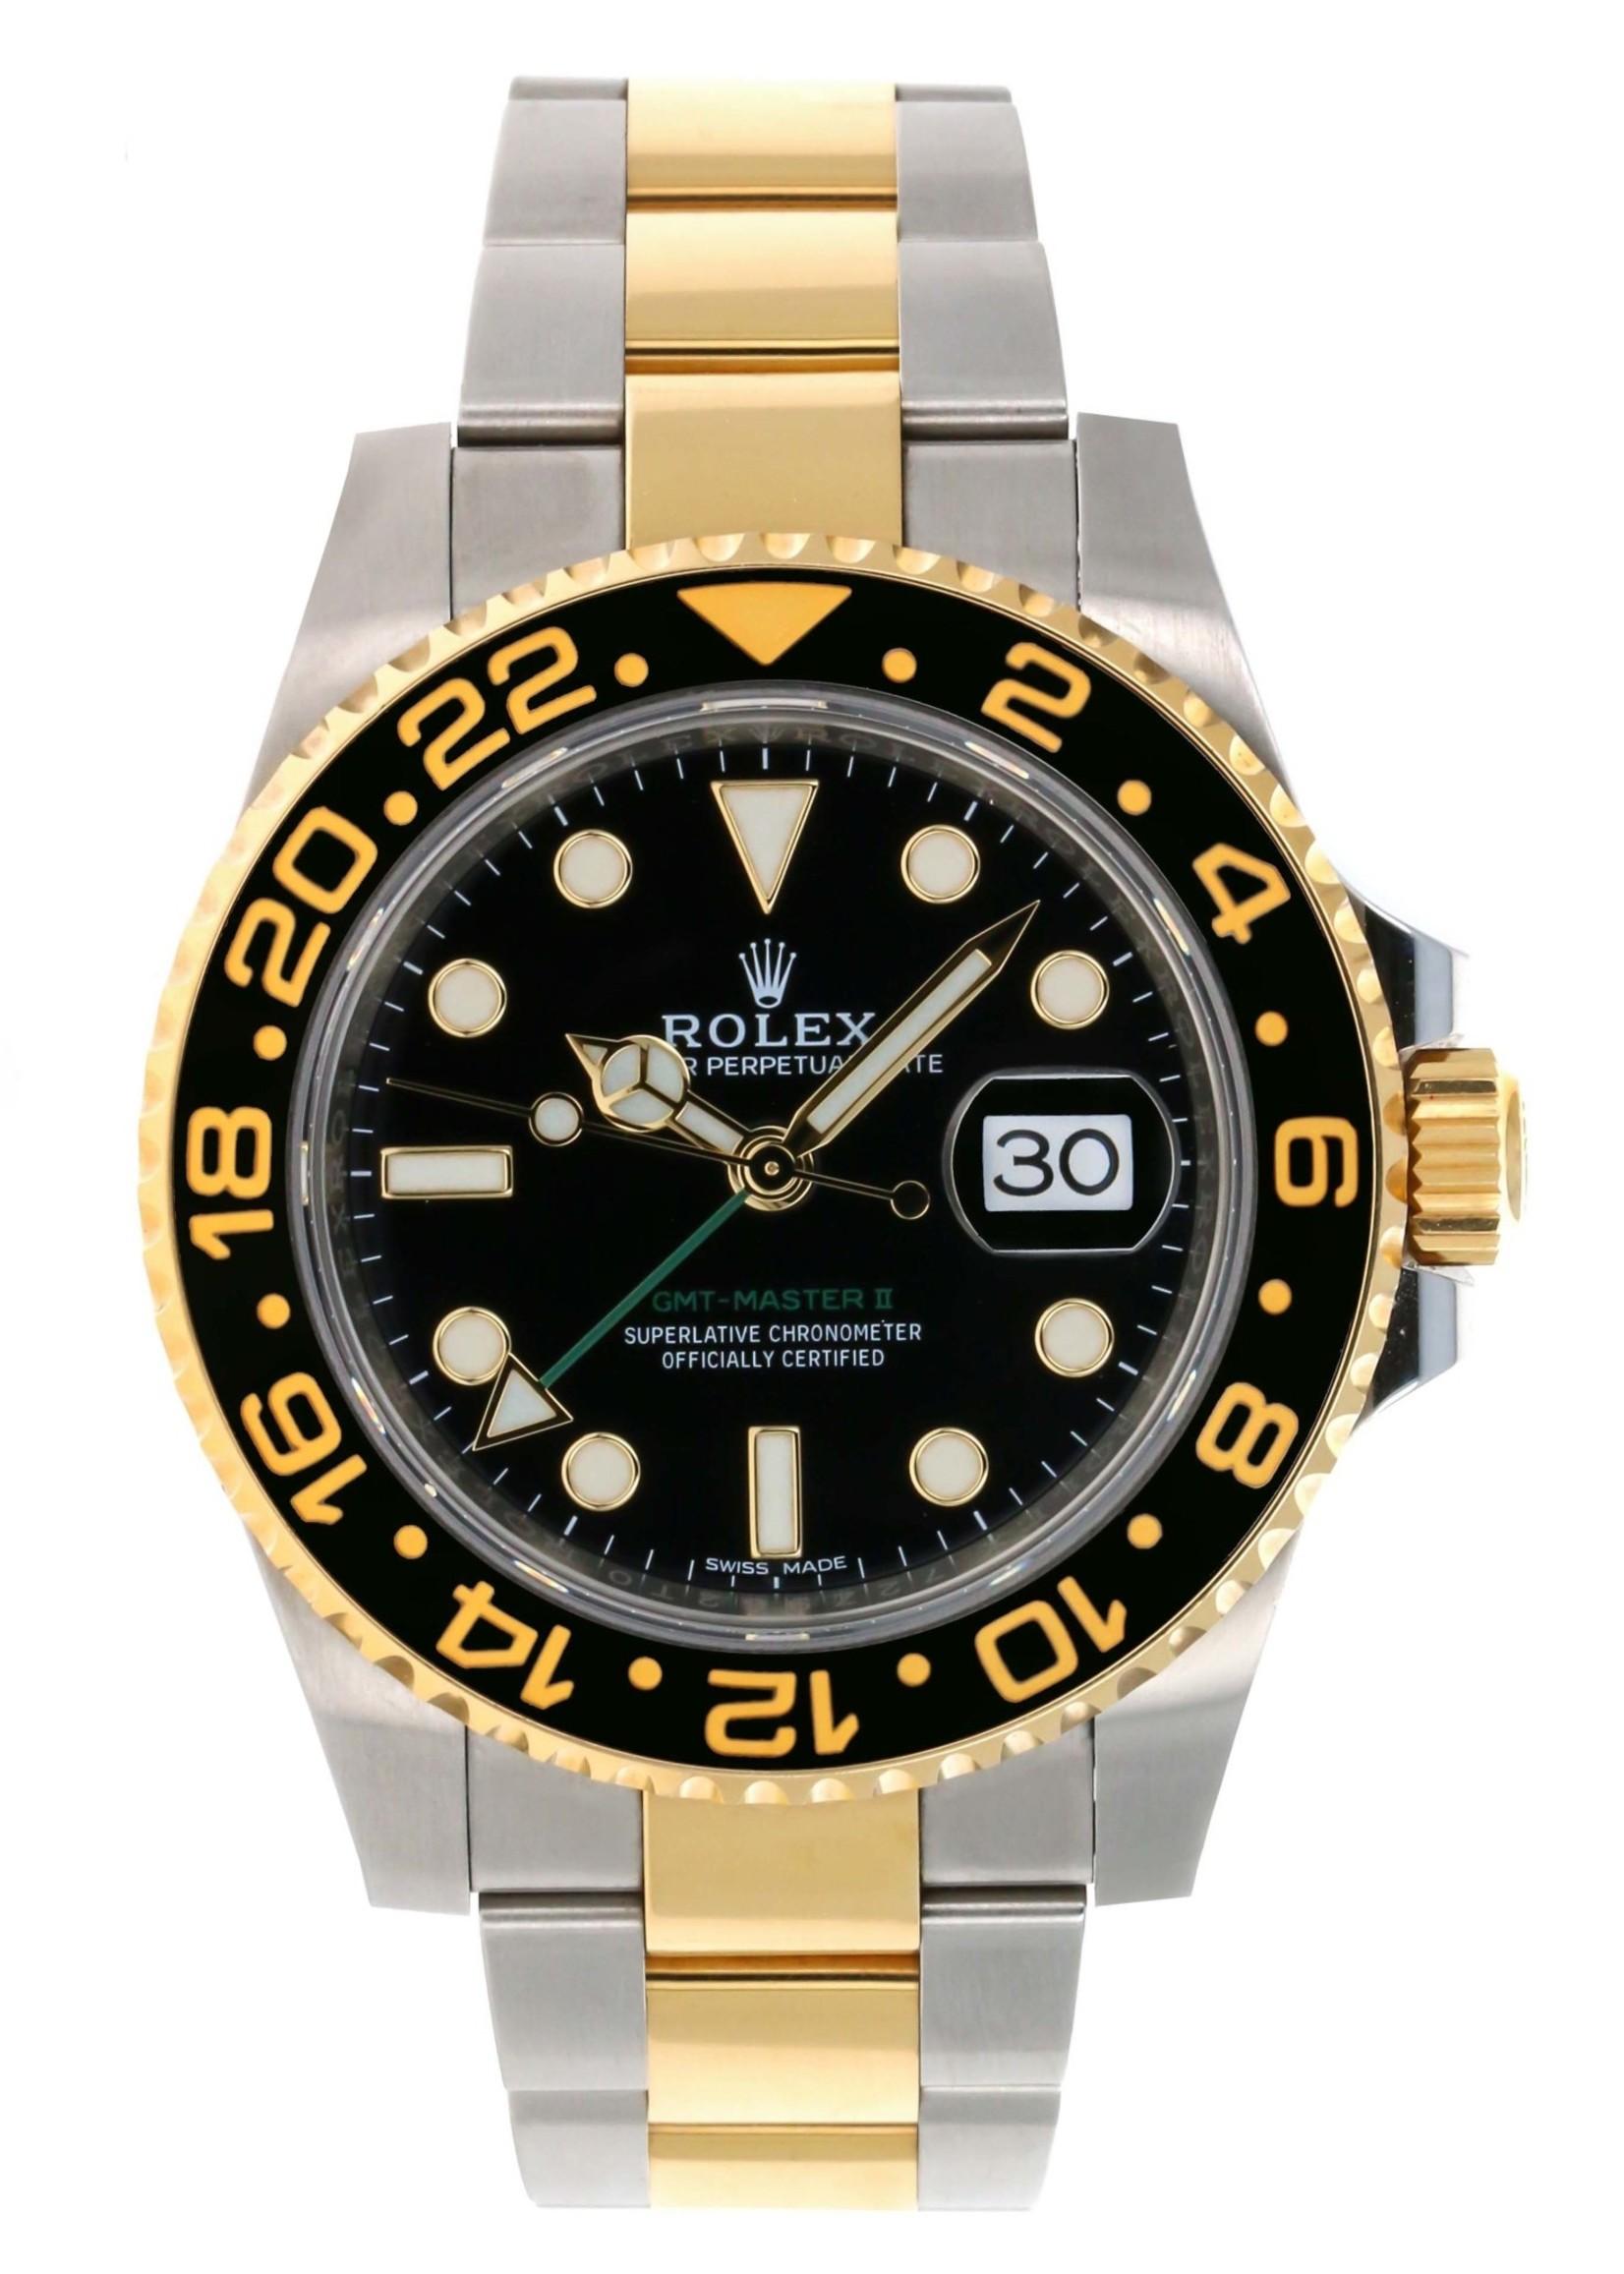 Rolex Watches ROLEX GMT MASTER II 40MM (2017 B+P) #116713LN